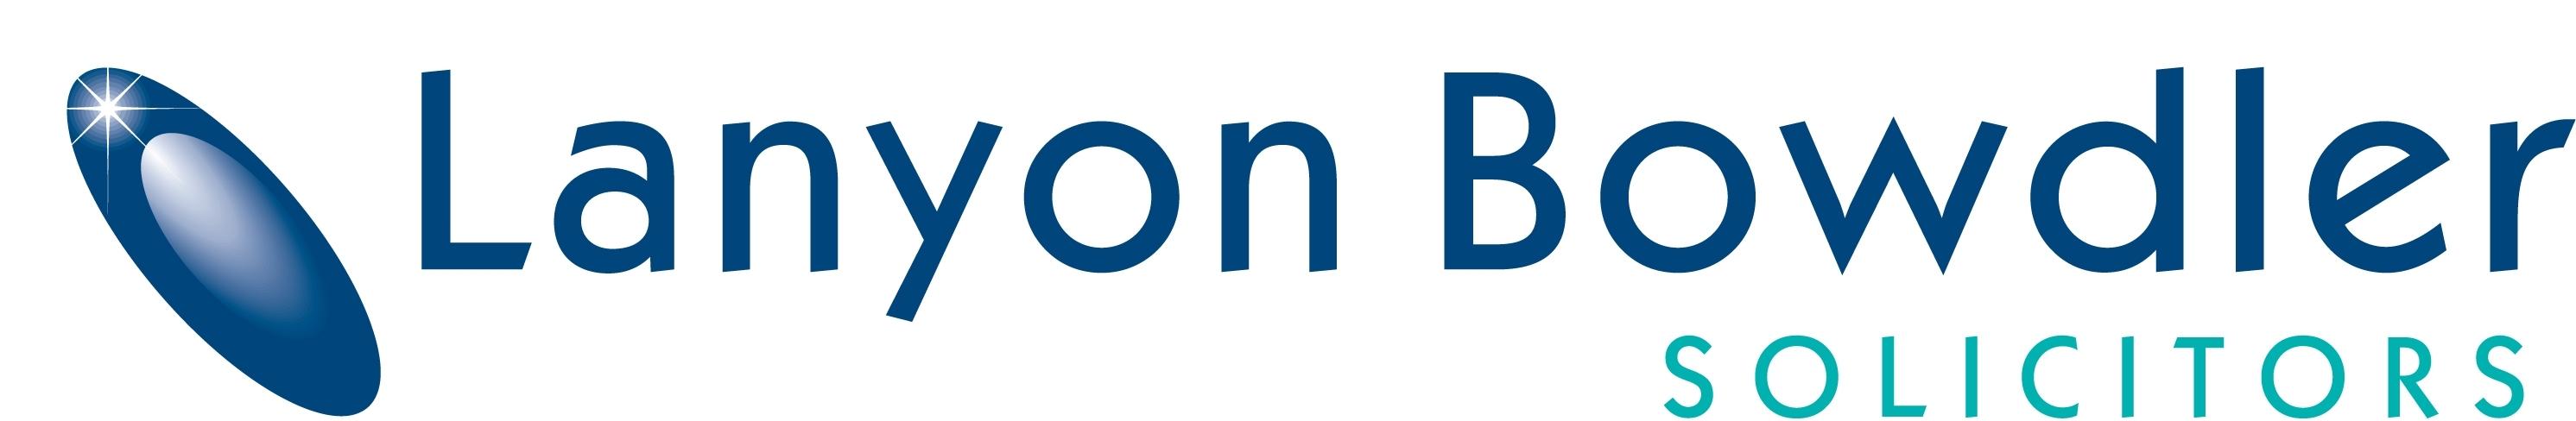 Lanyon Bowdler Logo 2013